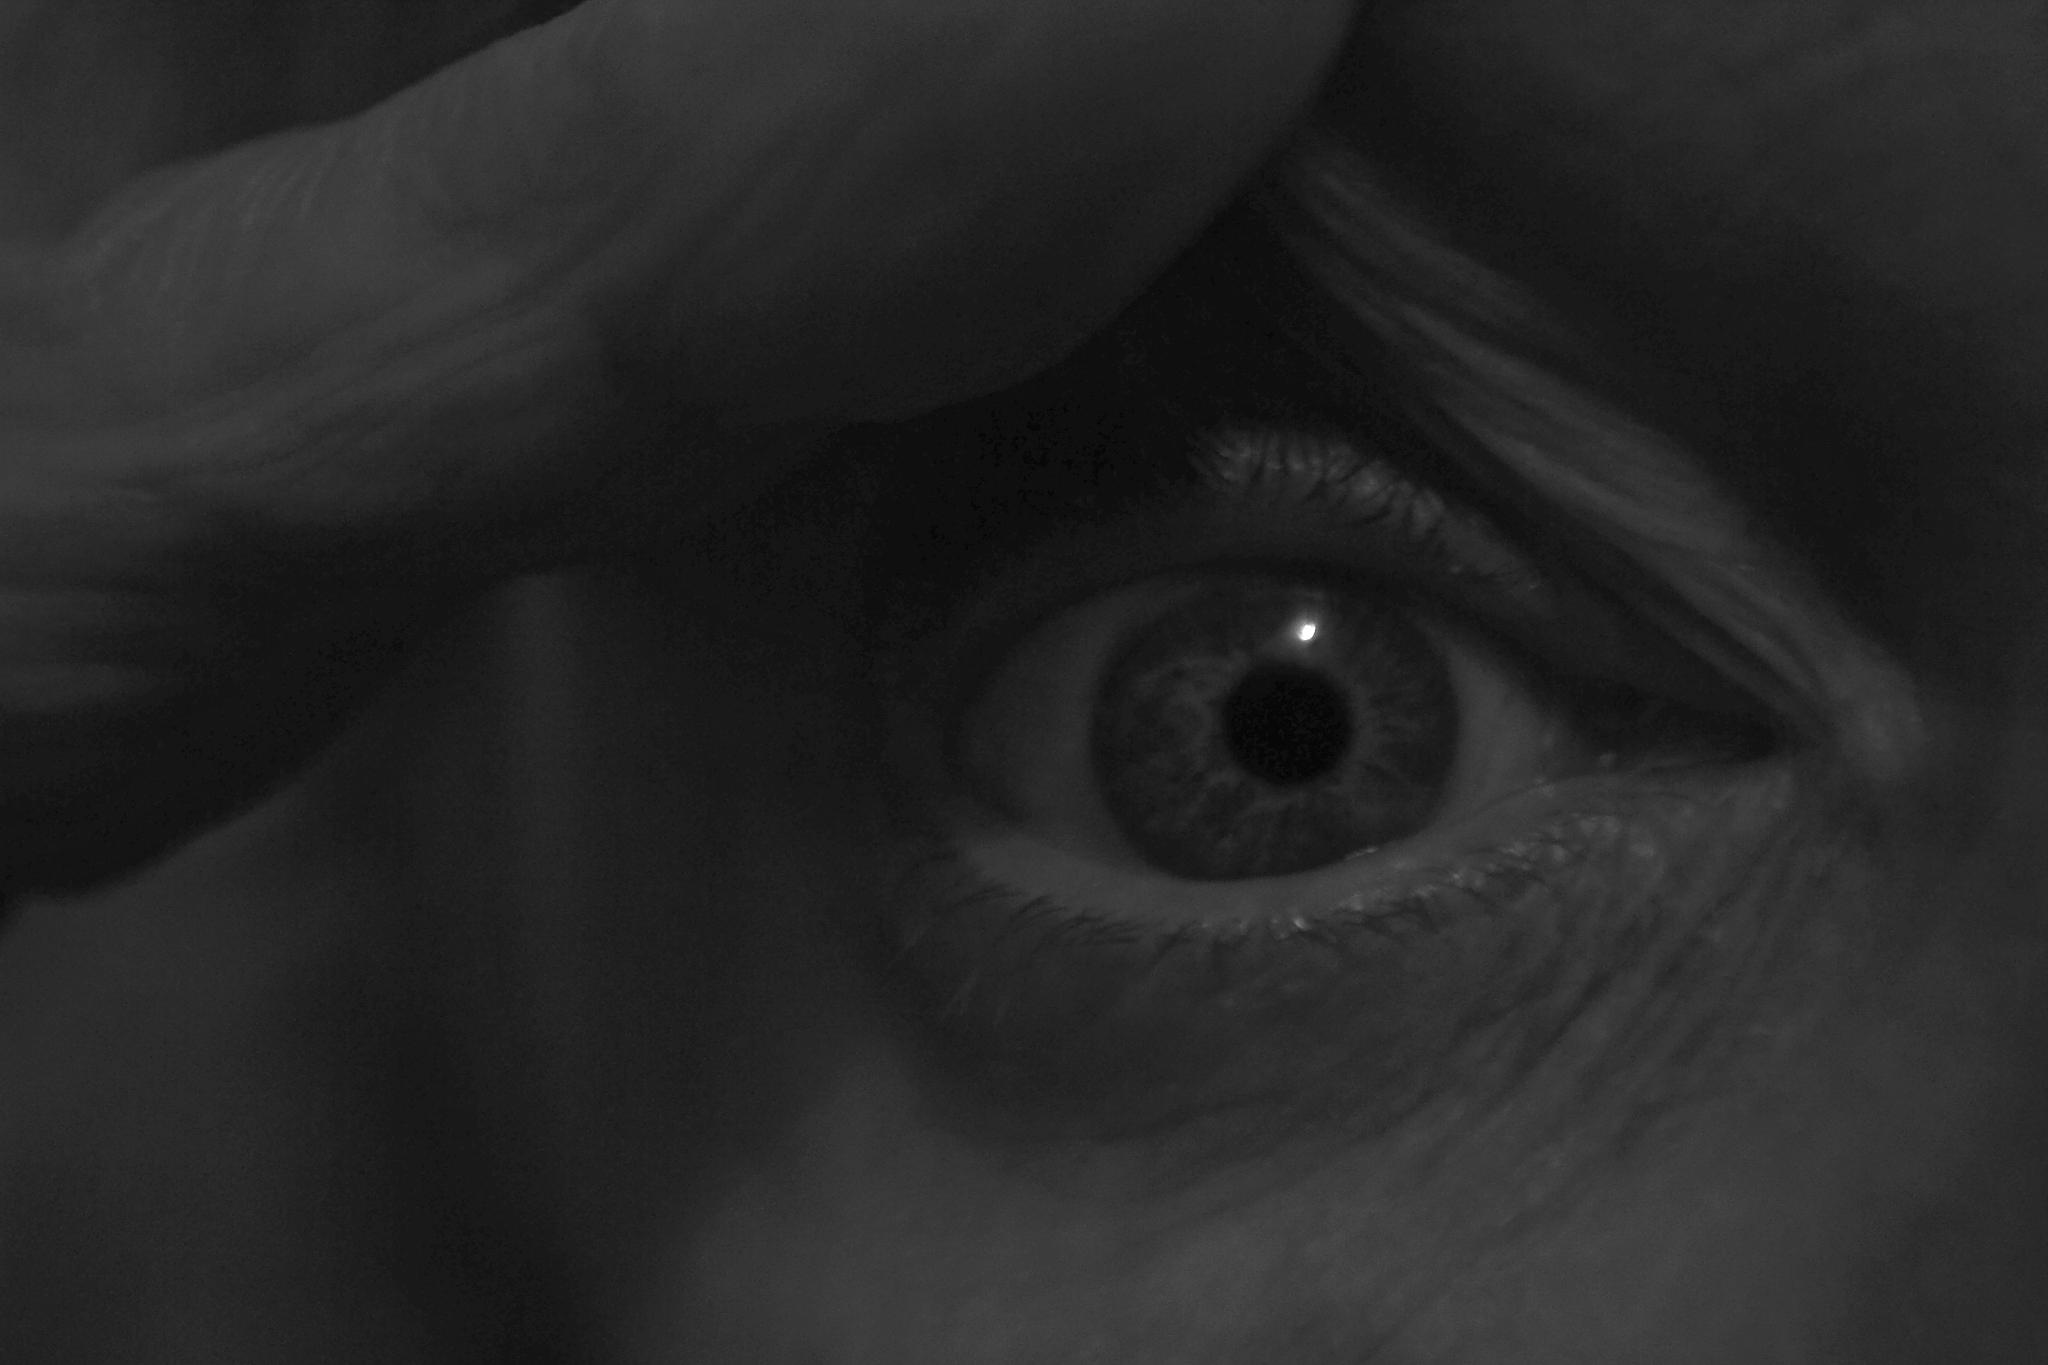 black and white eye by Lilly Gilovitz